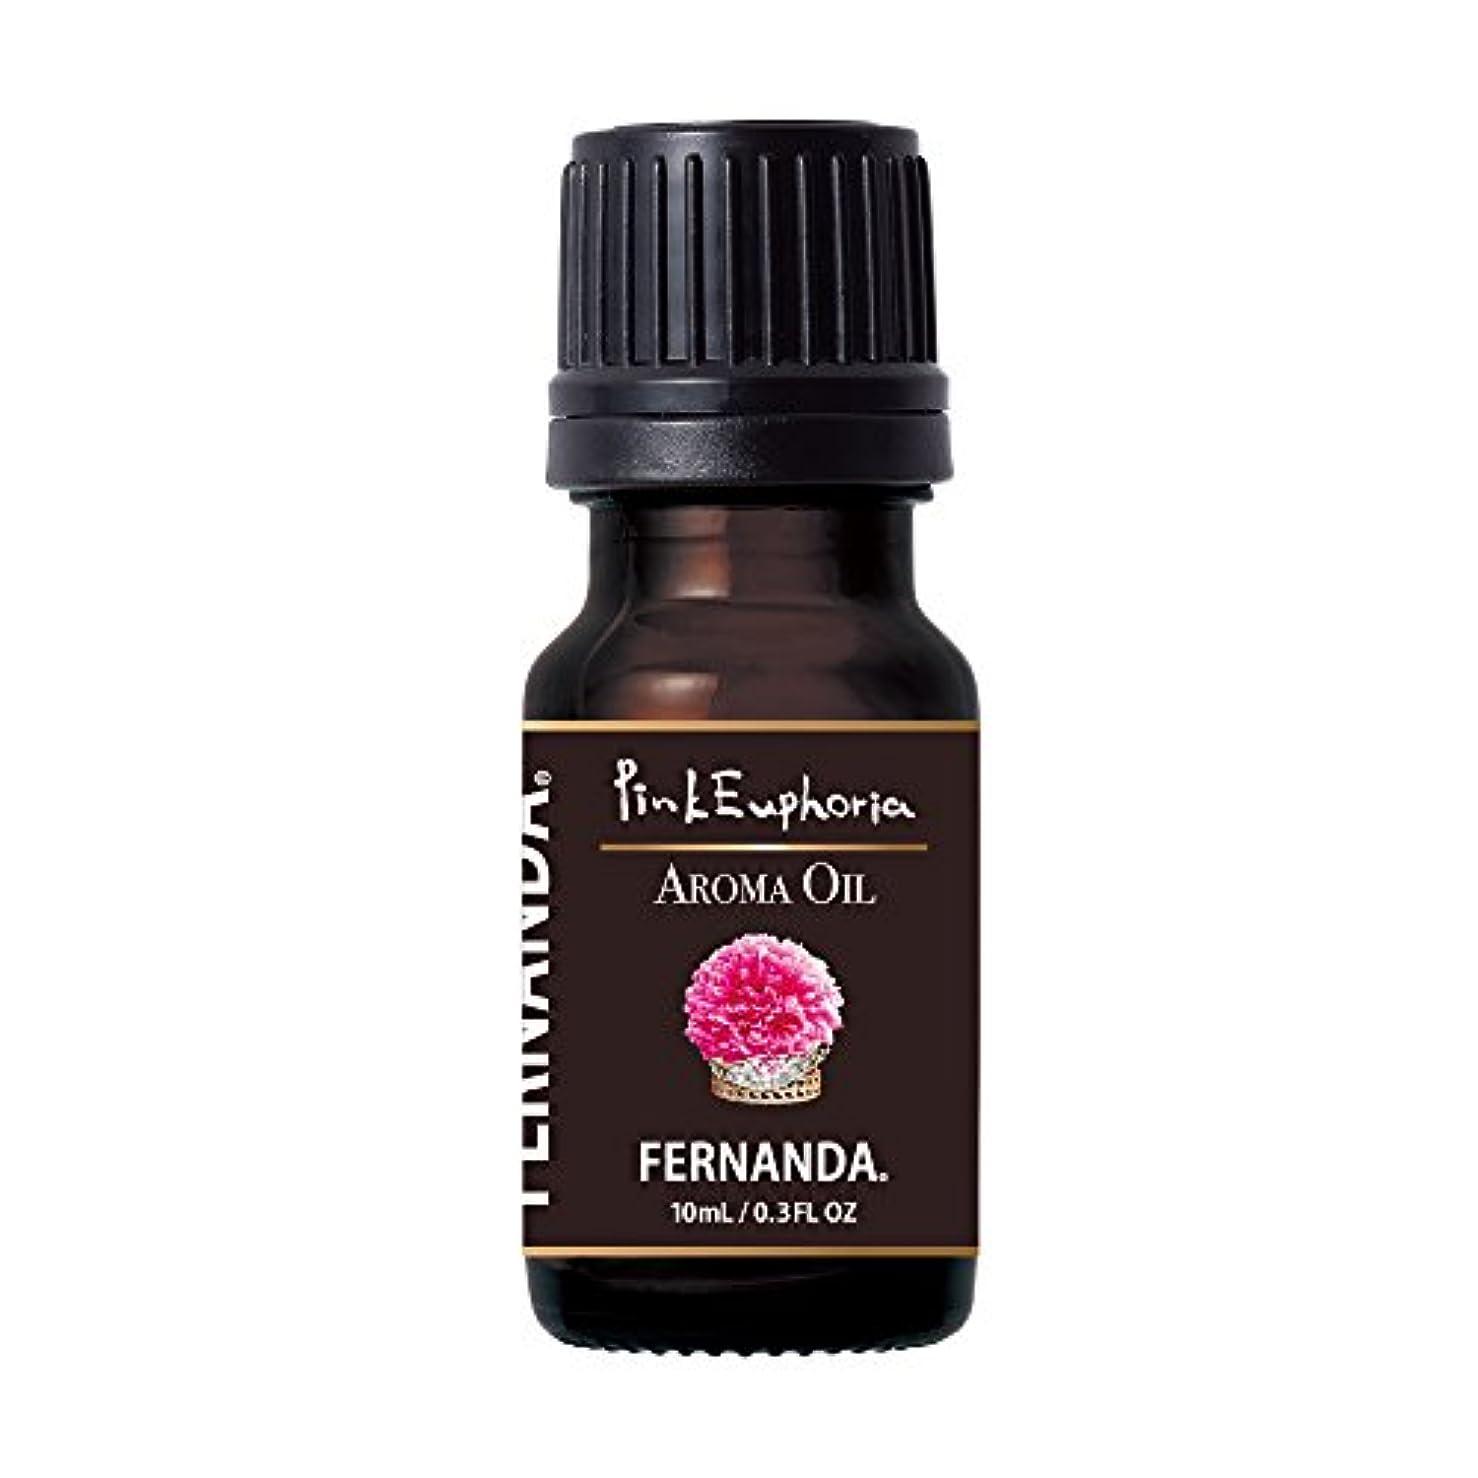 バッグ主張アスリートFERNANDA(フェルナンダ) Fragrance Aroma Oil Pink Euphoria (アロマオイル ピンクエウフォリア)